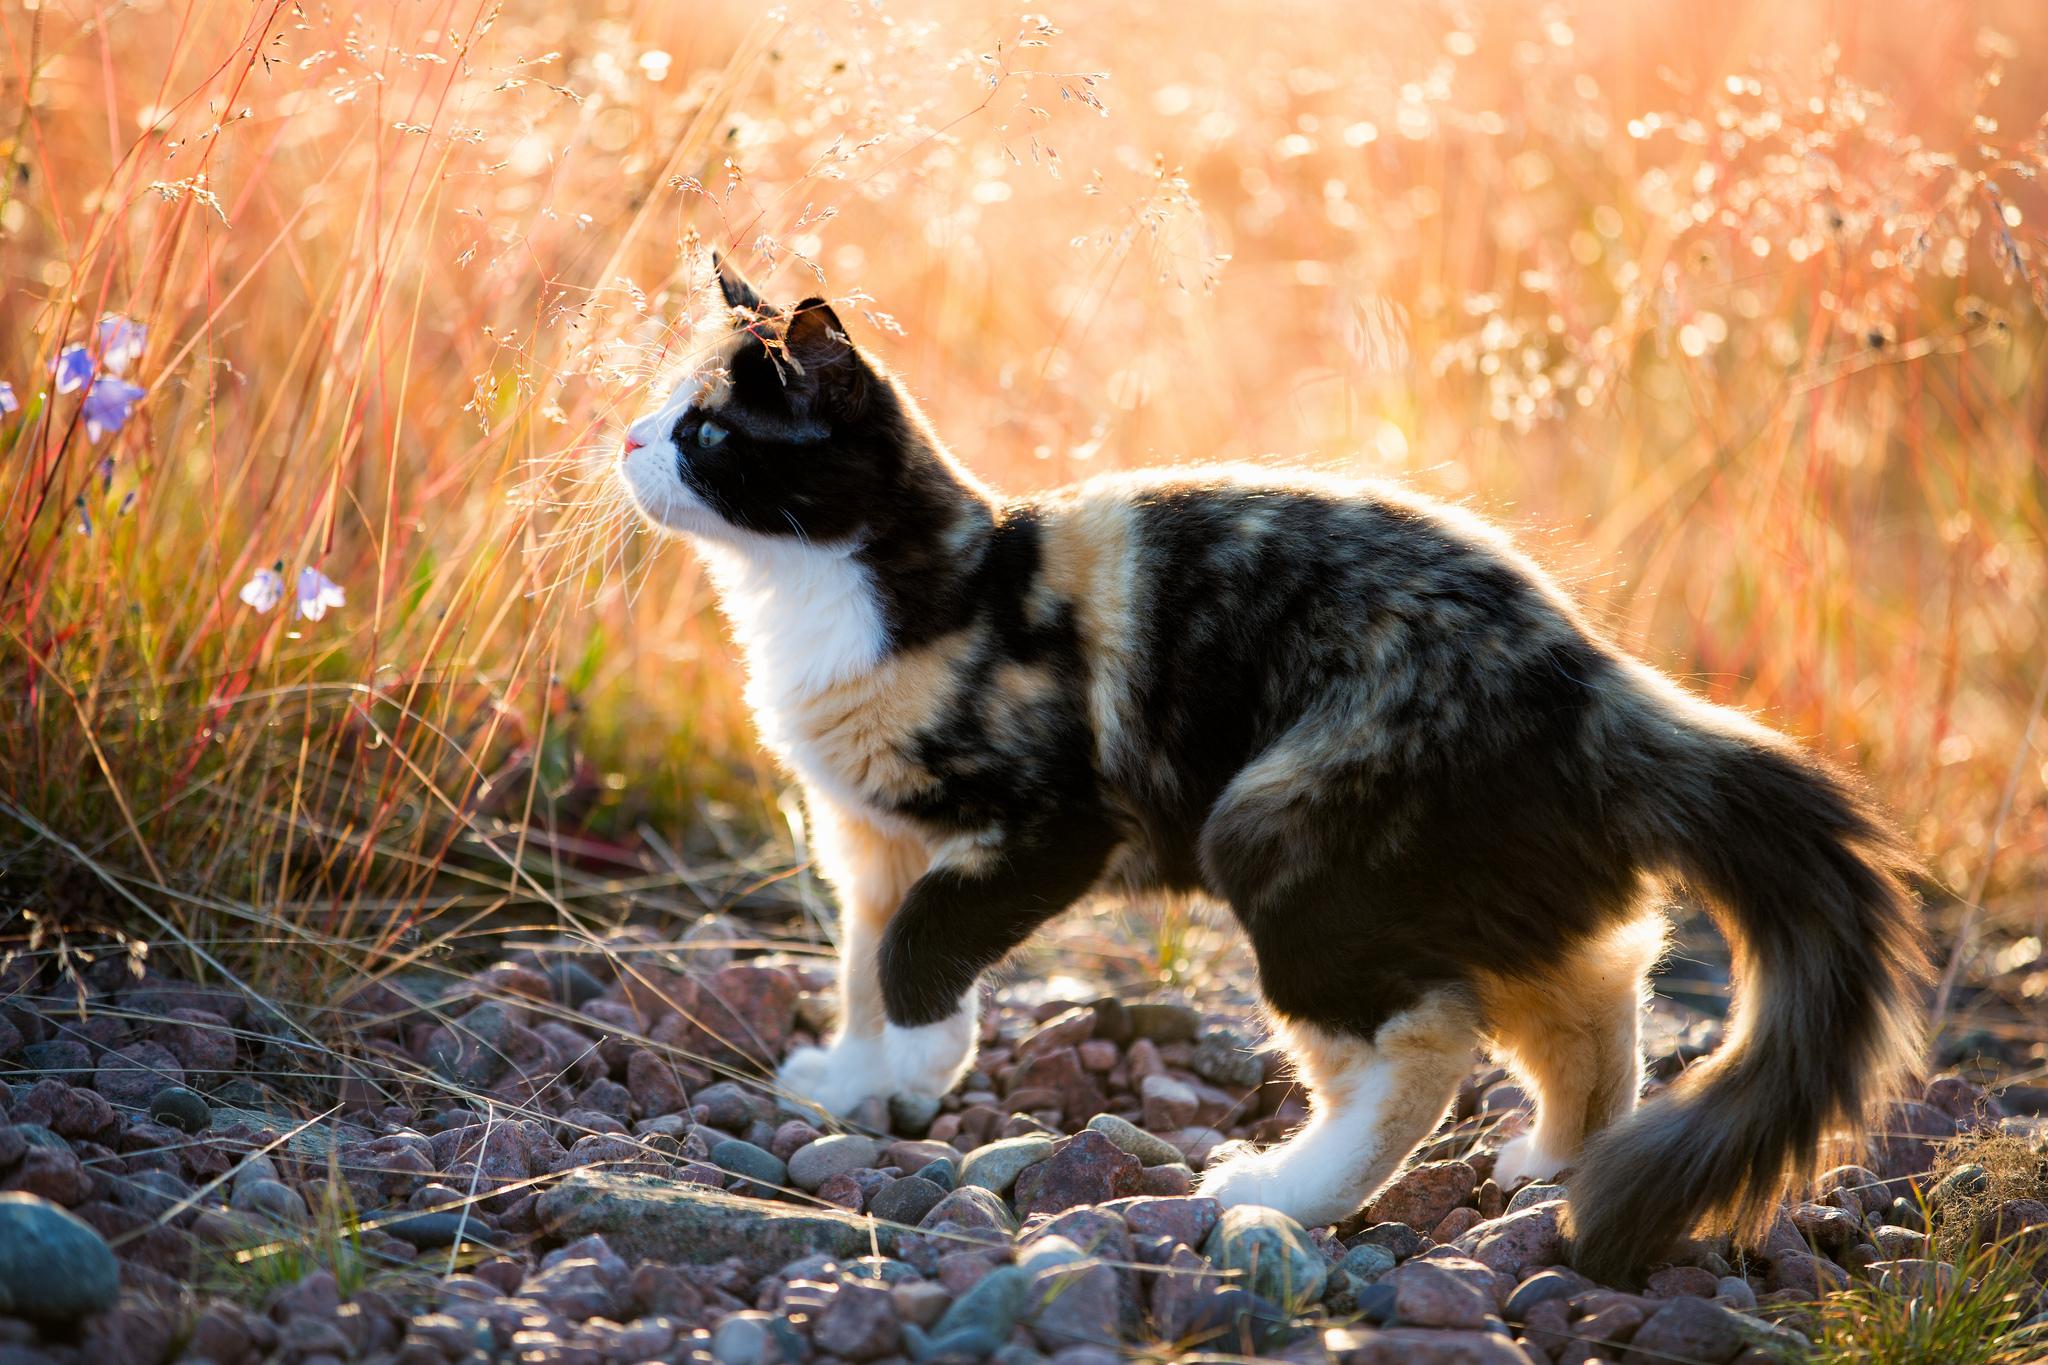 природа животные кот котенок черный  № 654410 загрузить